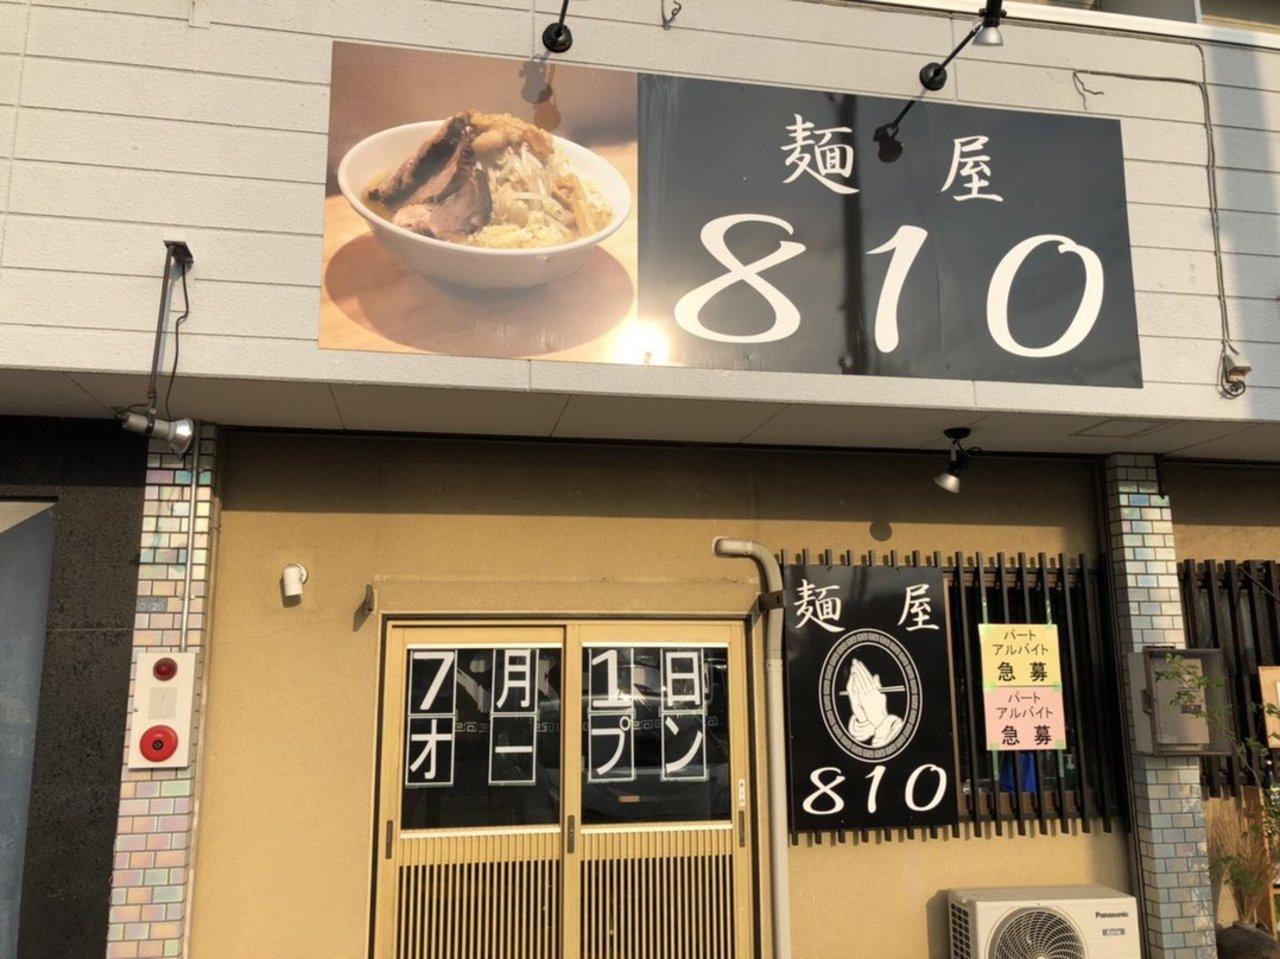 群馬県邑楽郡大泉町朝日3丁目に「麺屋810」が7/1グランドオープンされたようです。